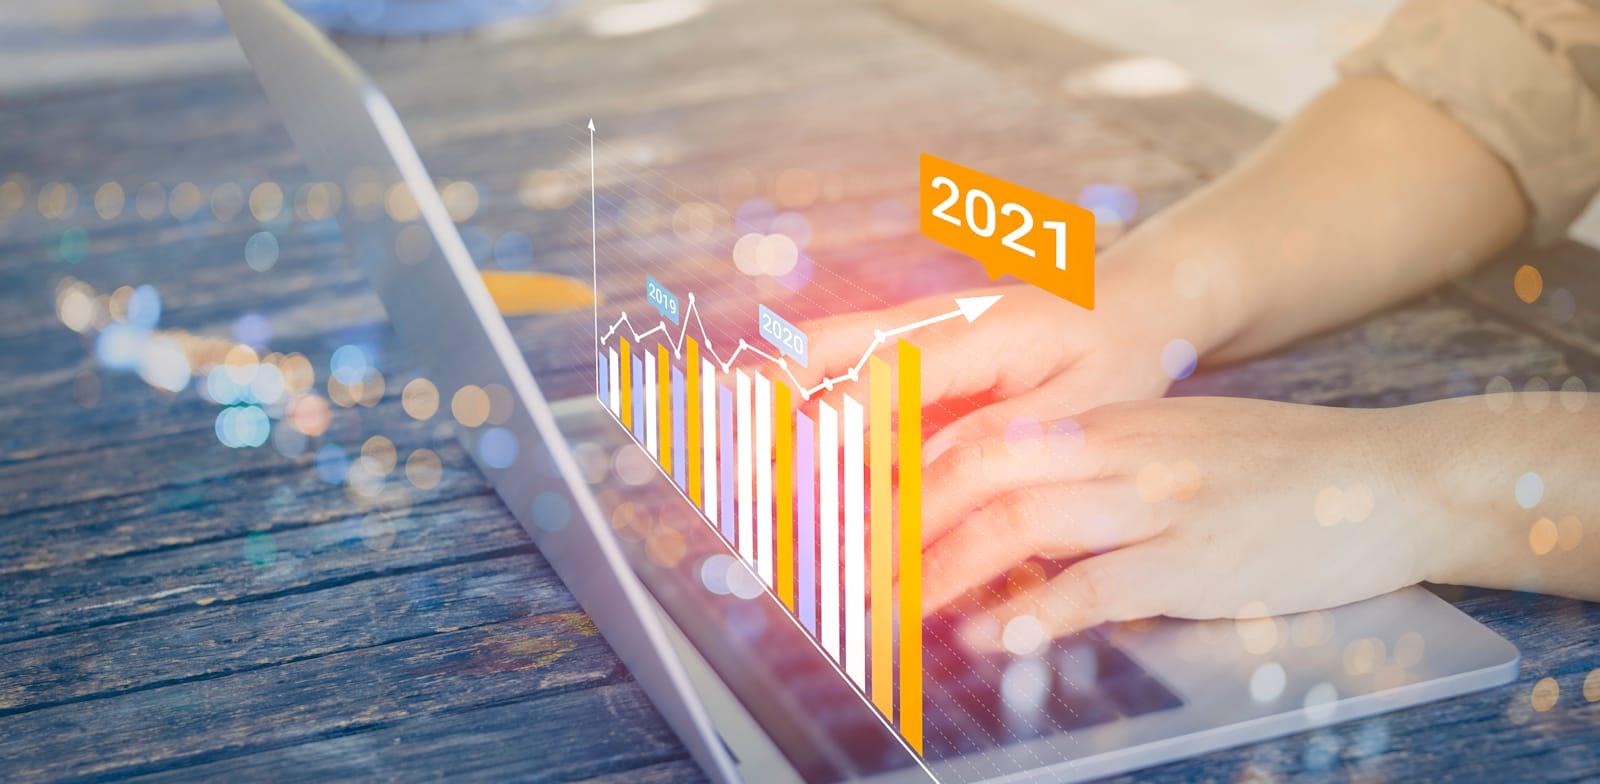 צמיחת העסקים הבינוניים תביא לצמיחה לאומית / צילום: Shutterstock